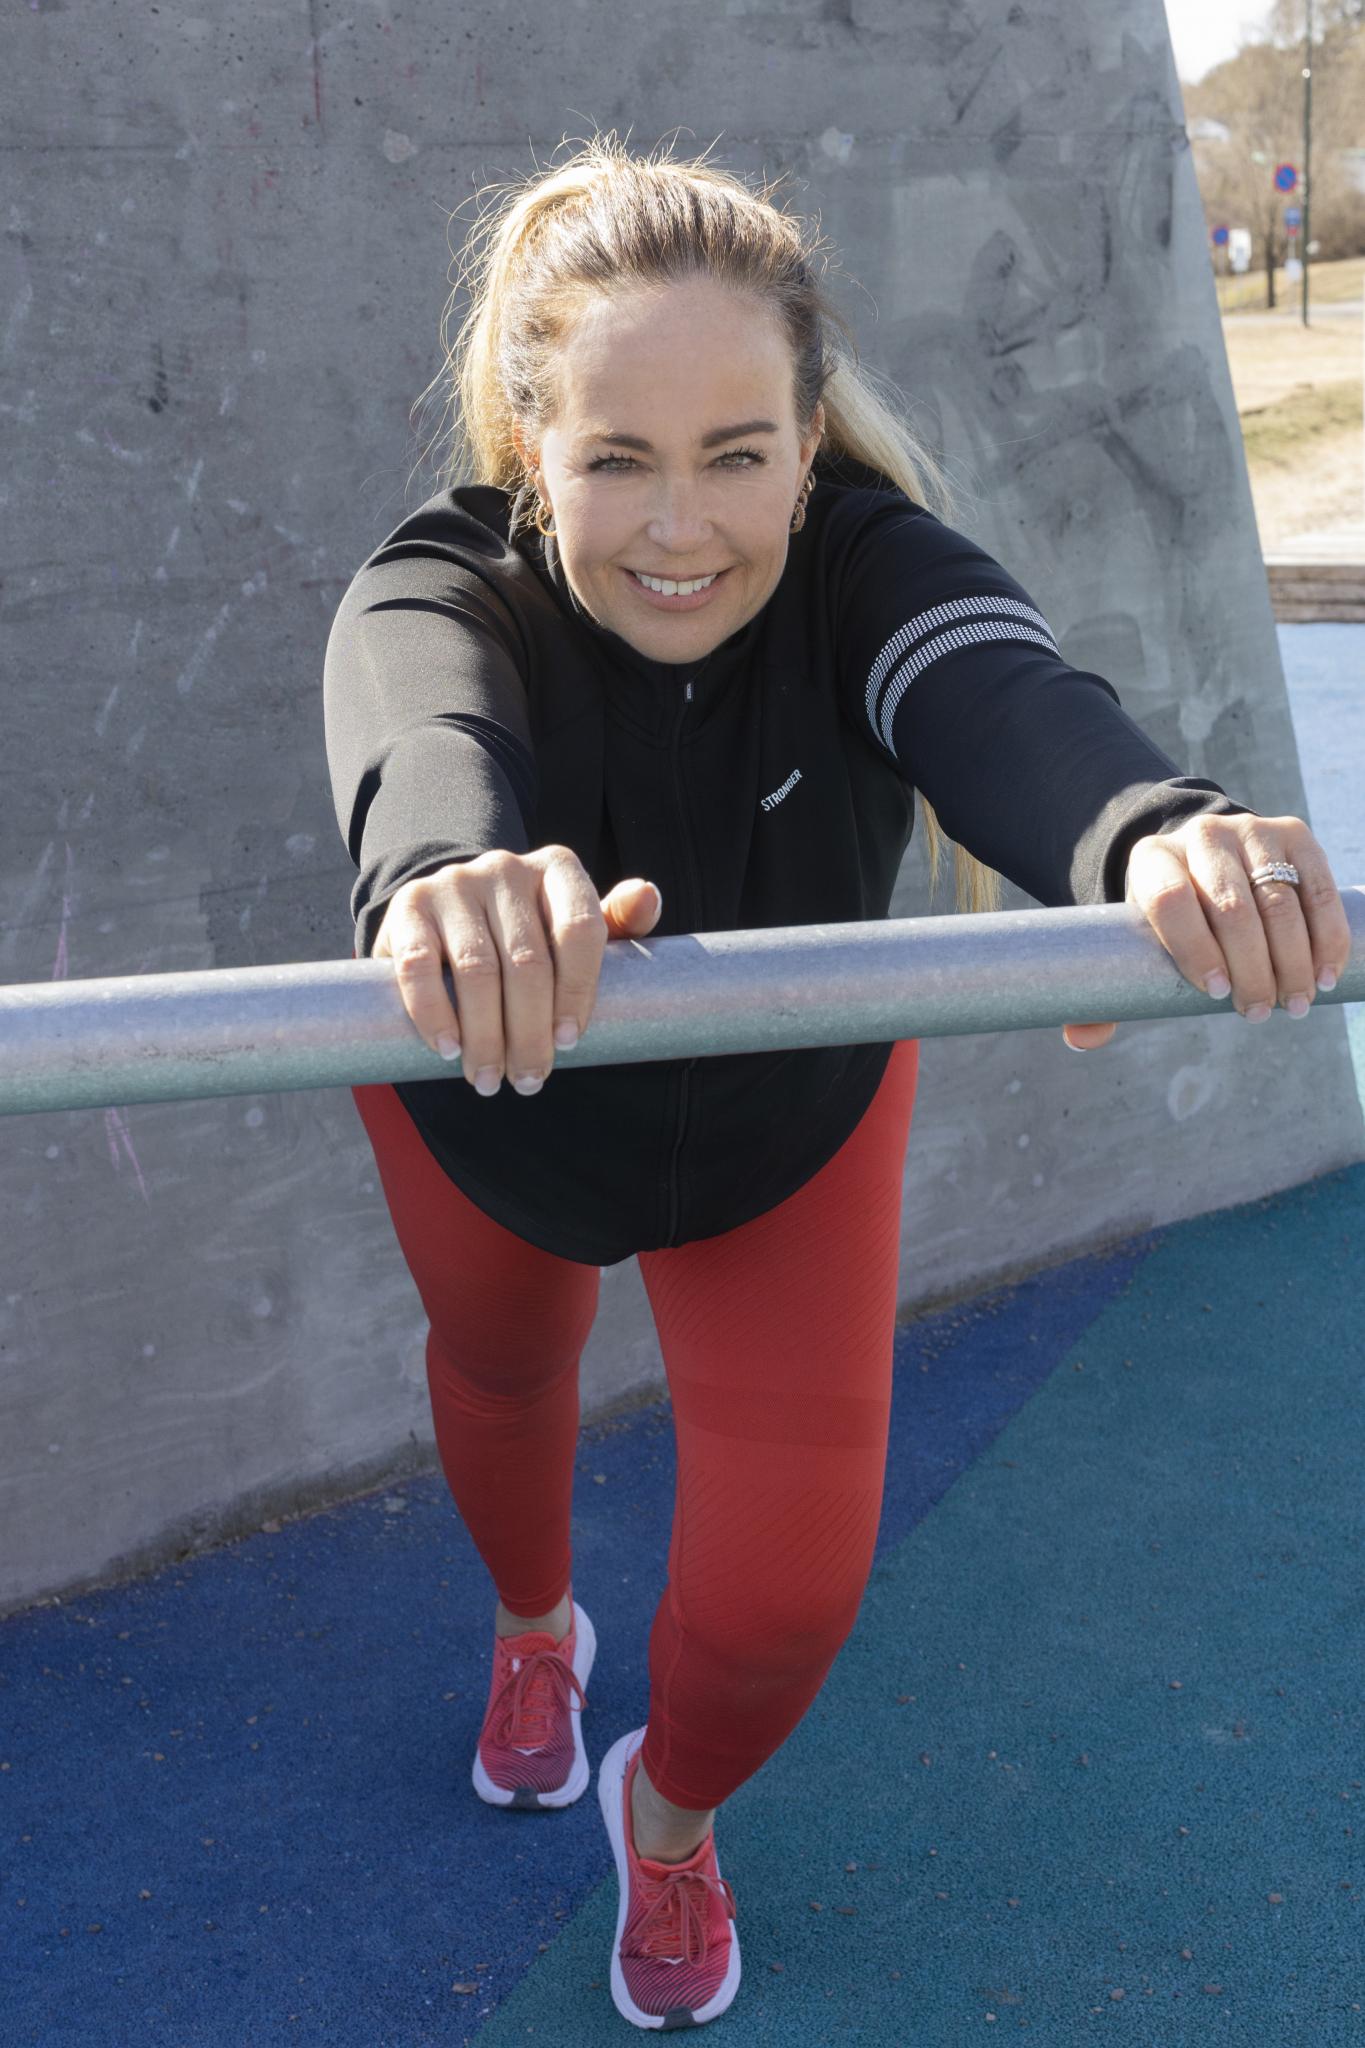 – Jeg er glad i å bevege meg og har trent mye yoga, men akkurat styrketrening var jeg ikke så glad i. Men det er jeg blitt nå! Nå definerer jeg meg selv som en sporty person, og det har gjort noe med selvtilliten min, sier Camilla Smith.